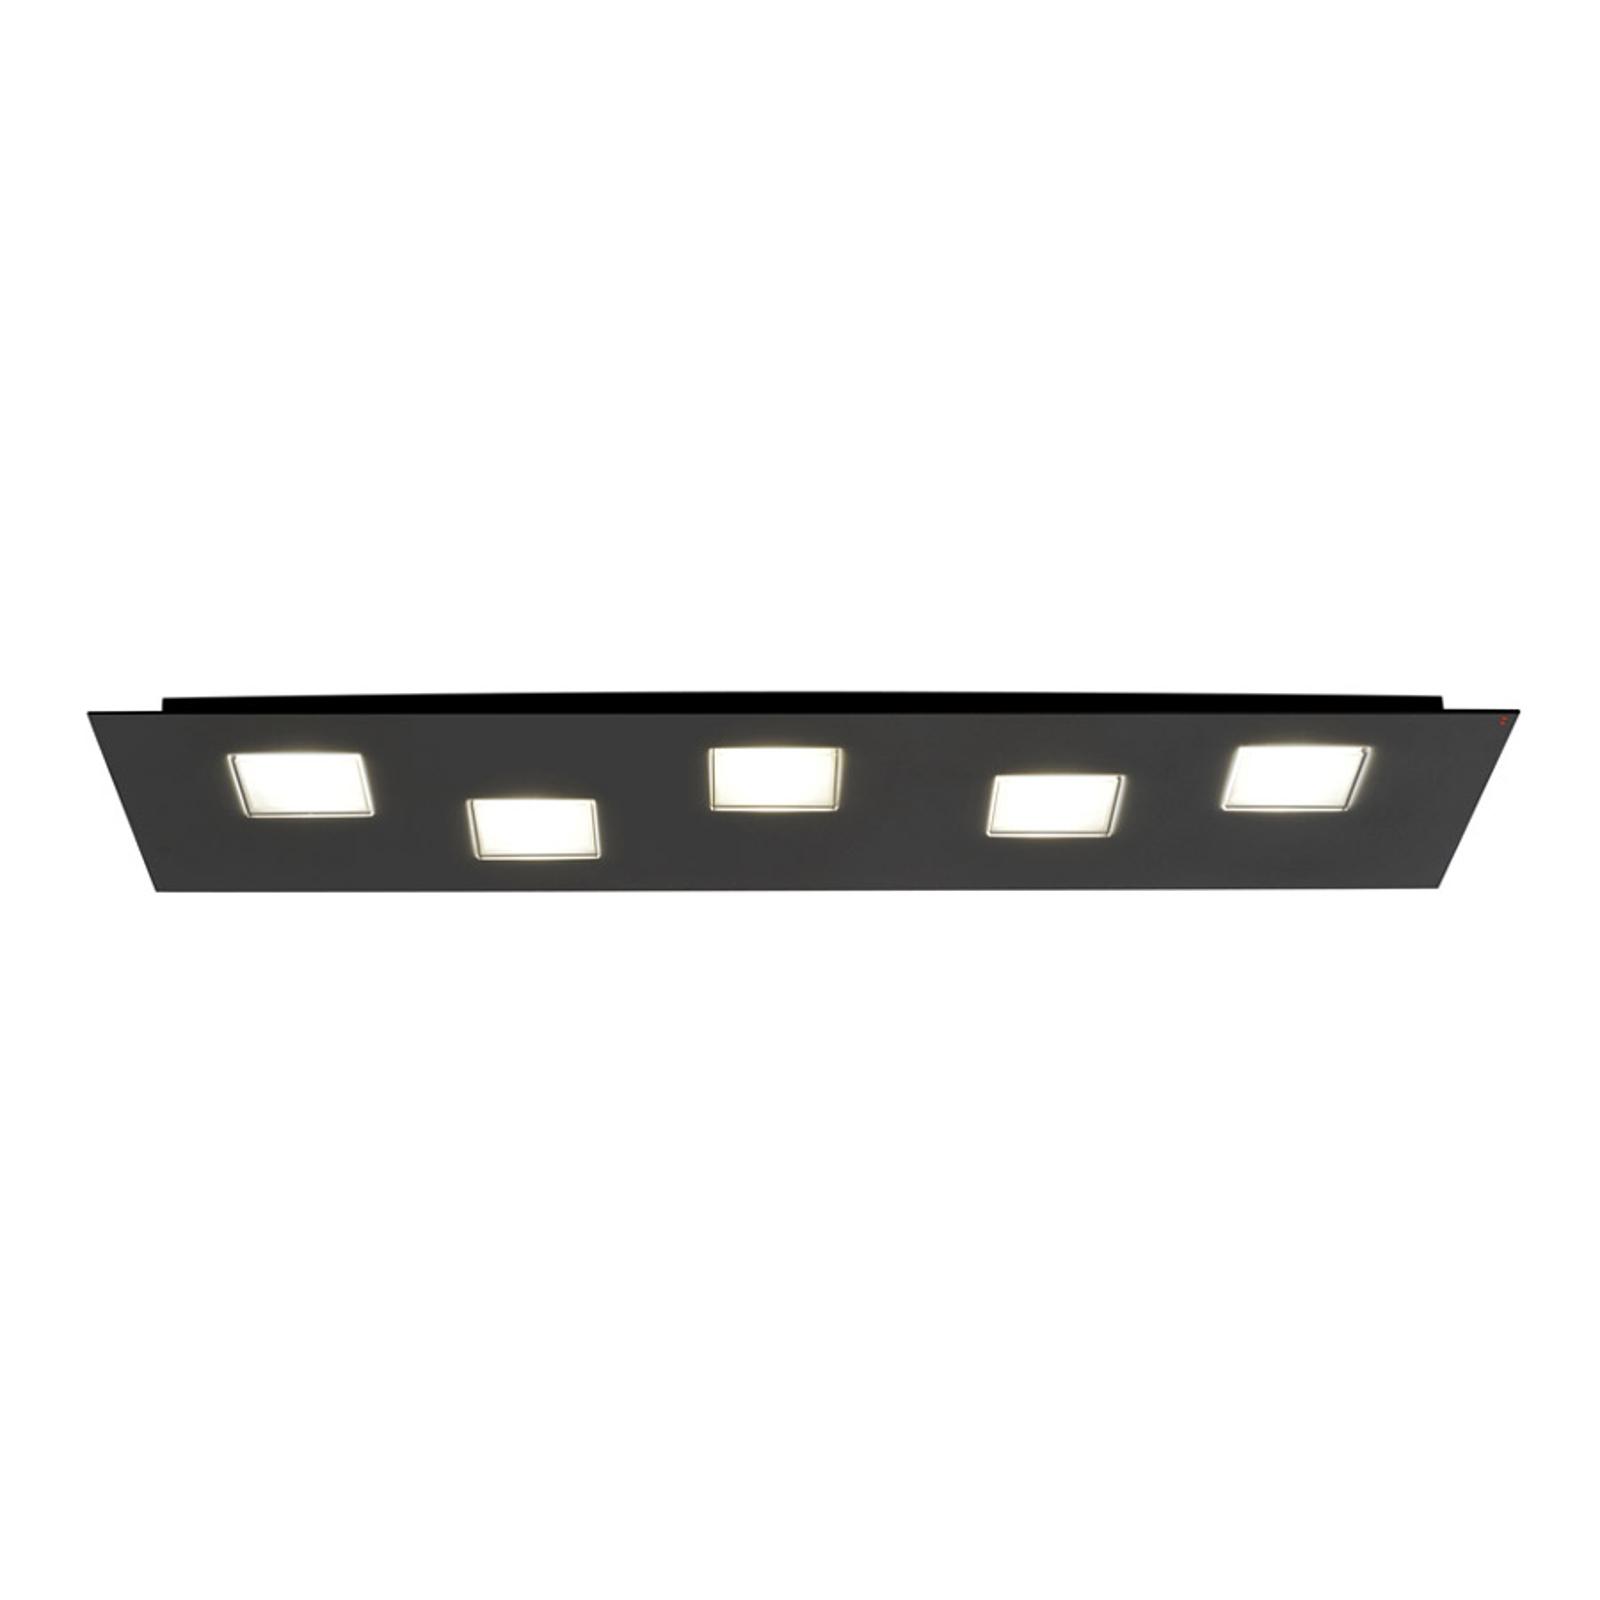 Lampa sufitowa LED Quarter, czarna, długość 70 cm